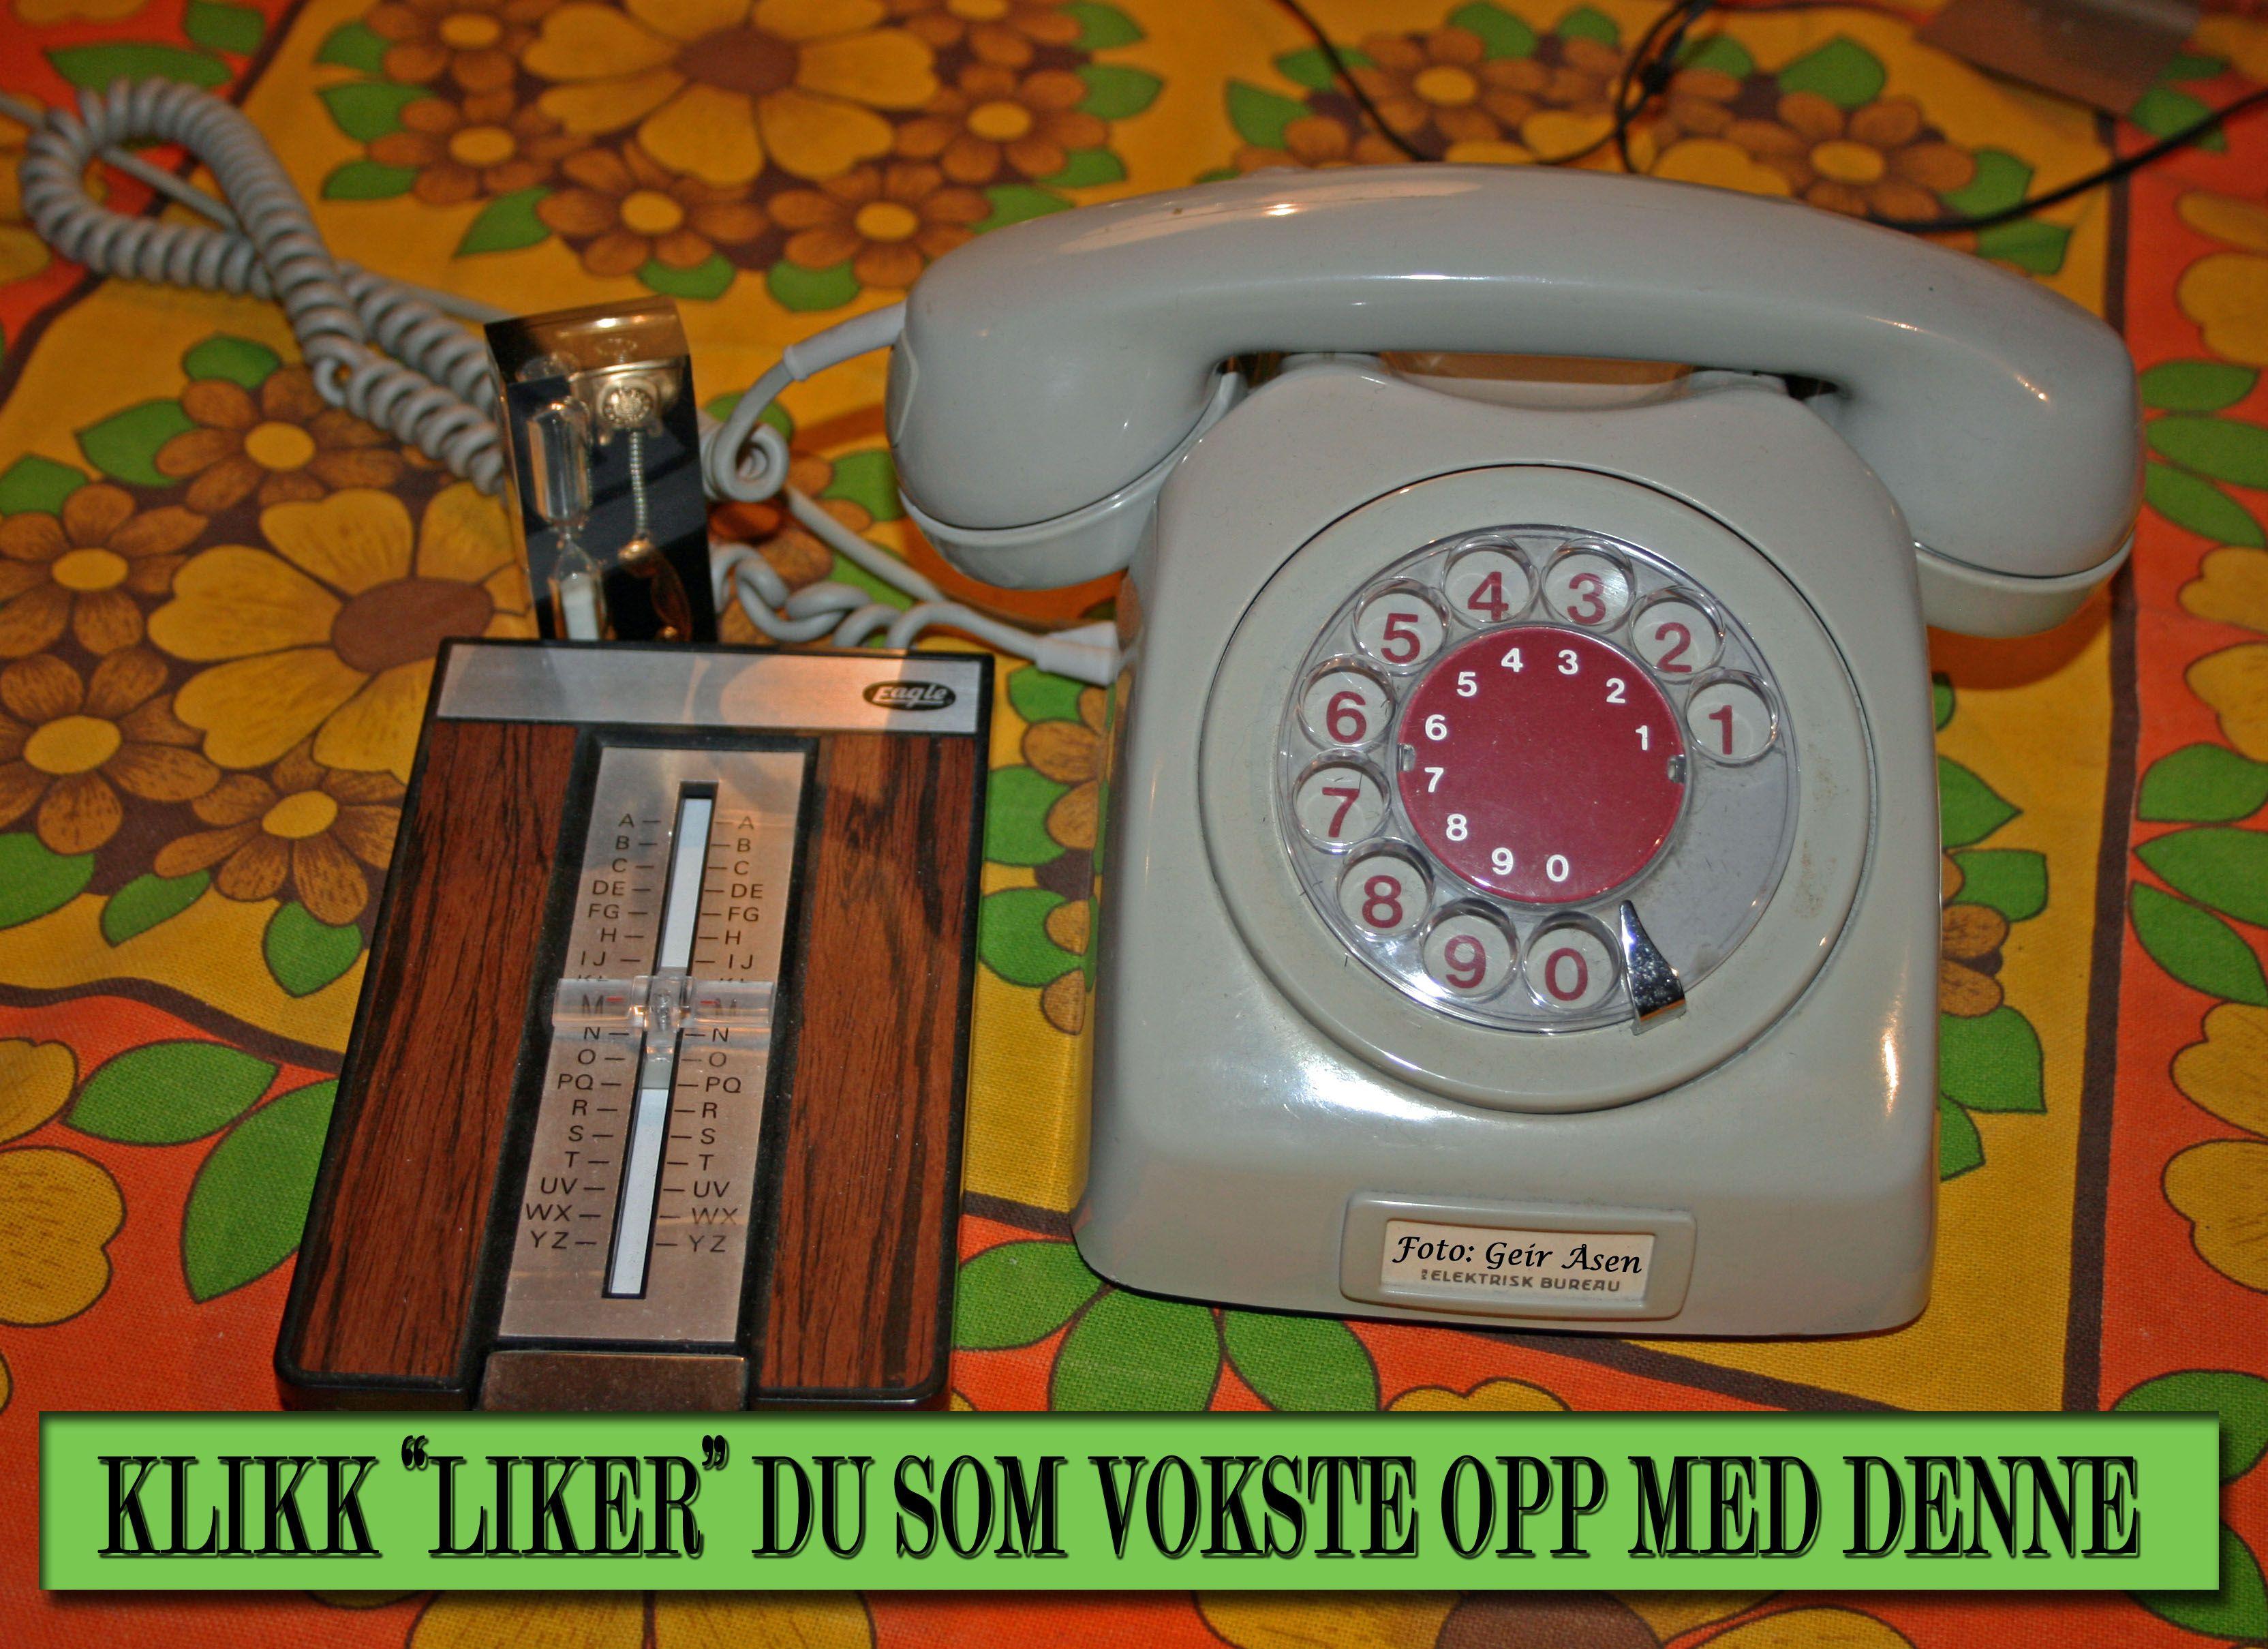 Hengende lamper fra 60 70 tallet. Farger gjenkjenner 70